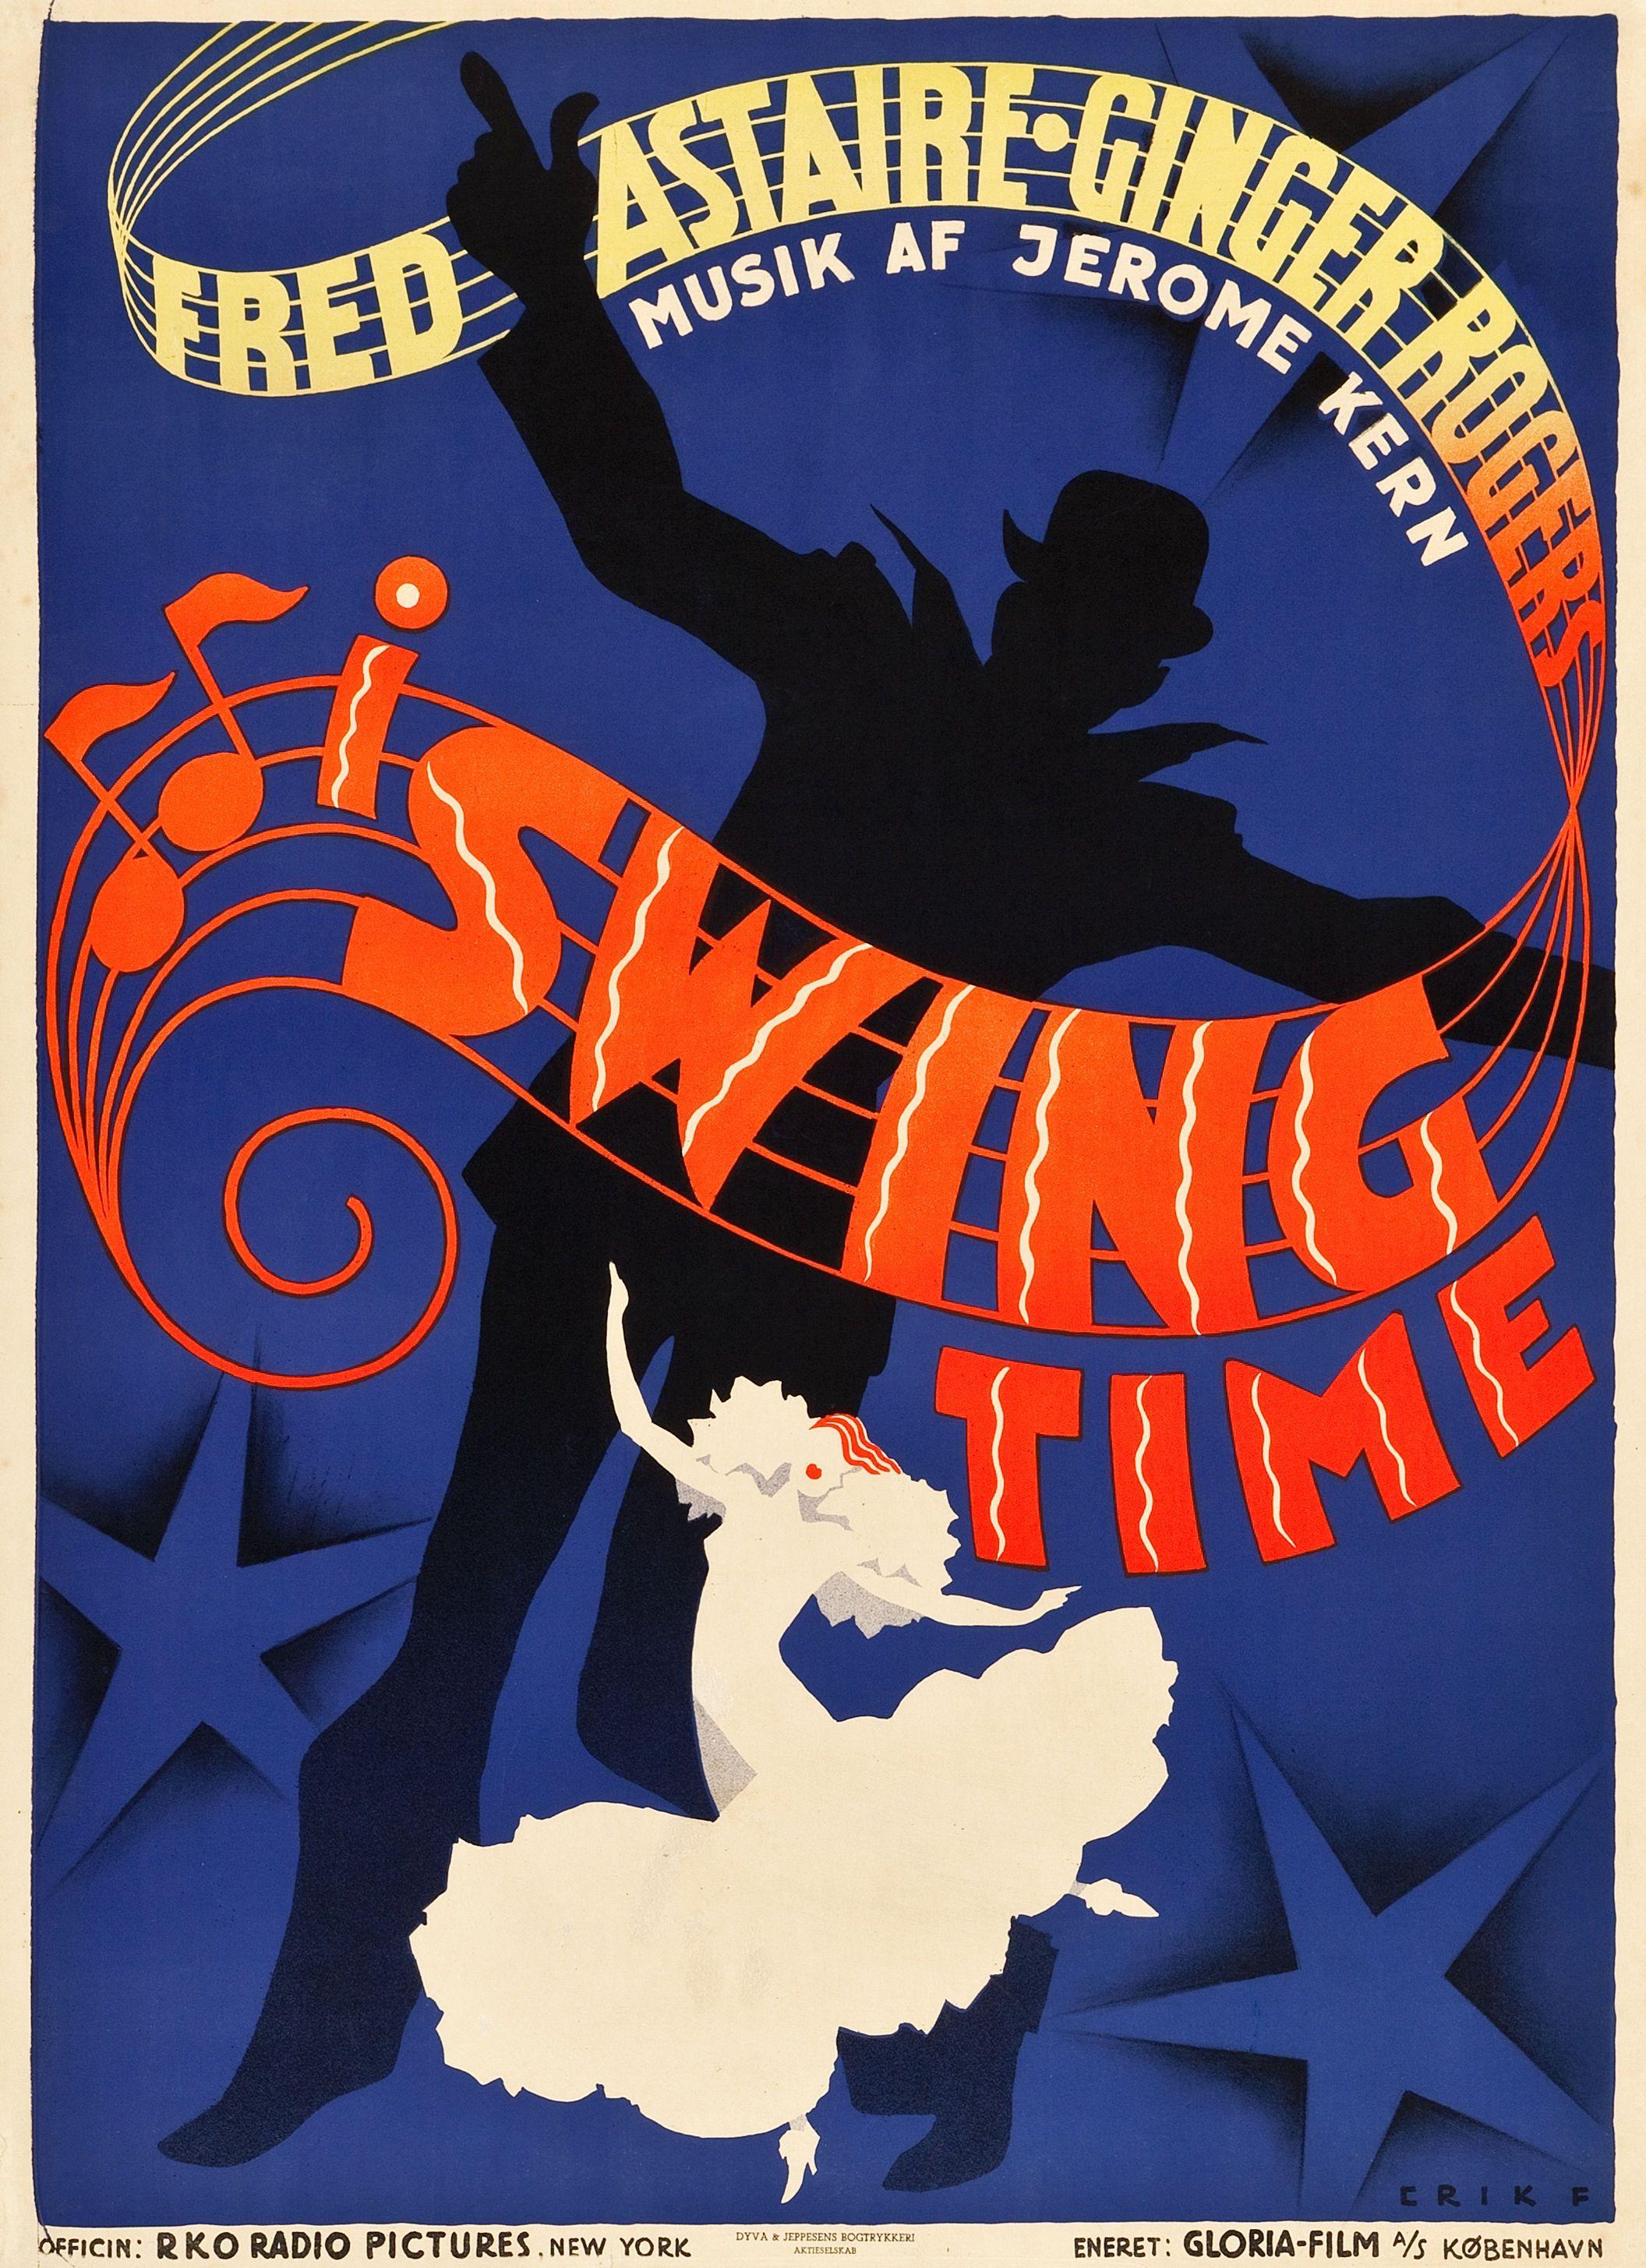 Swing Time Stevens, 1936) Danish design by Erik